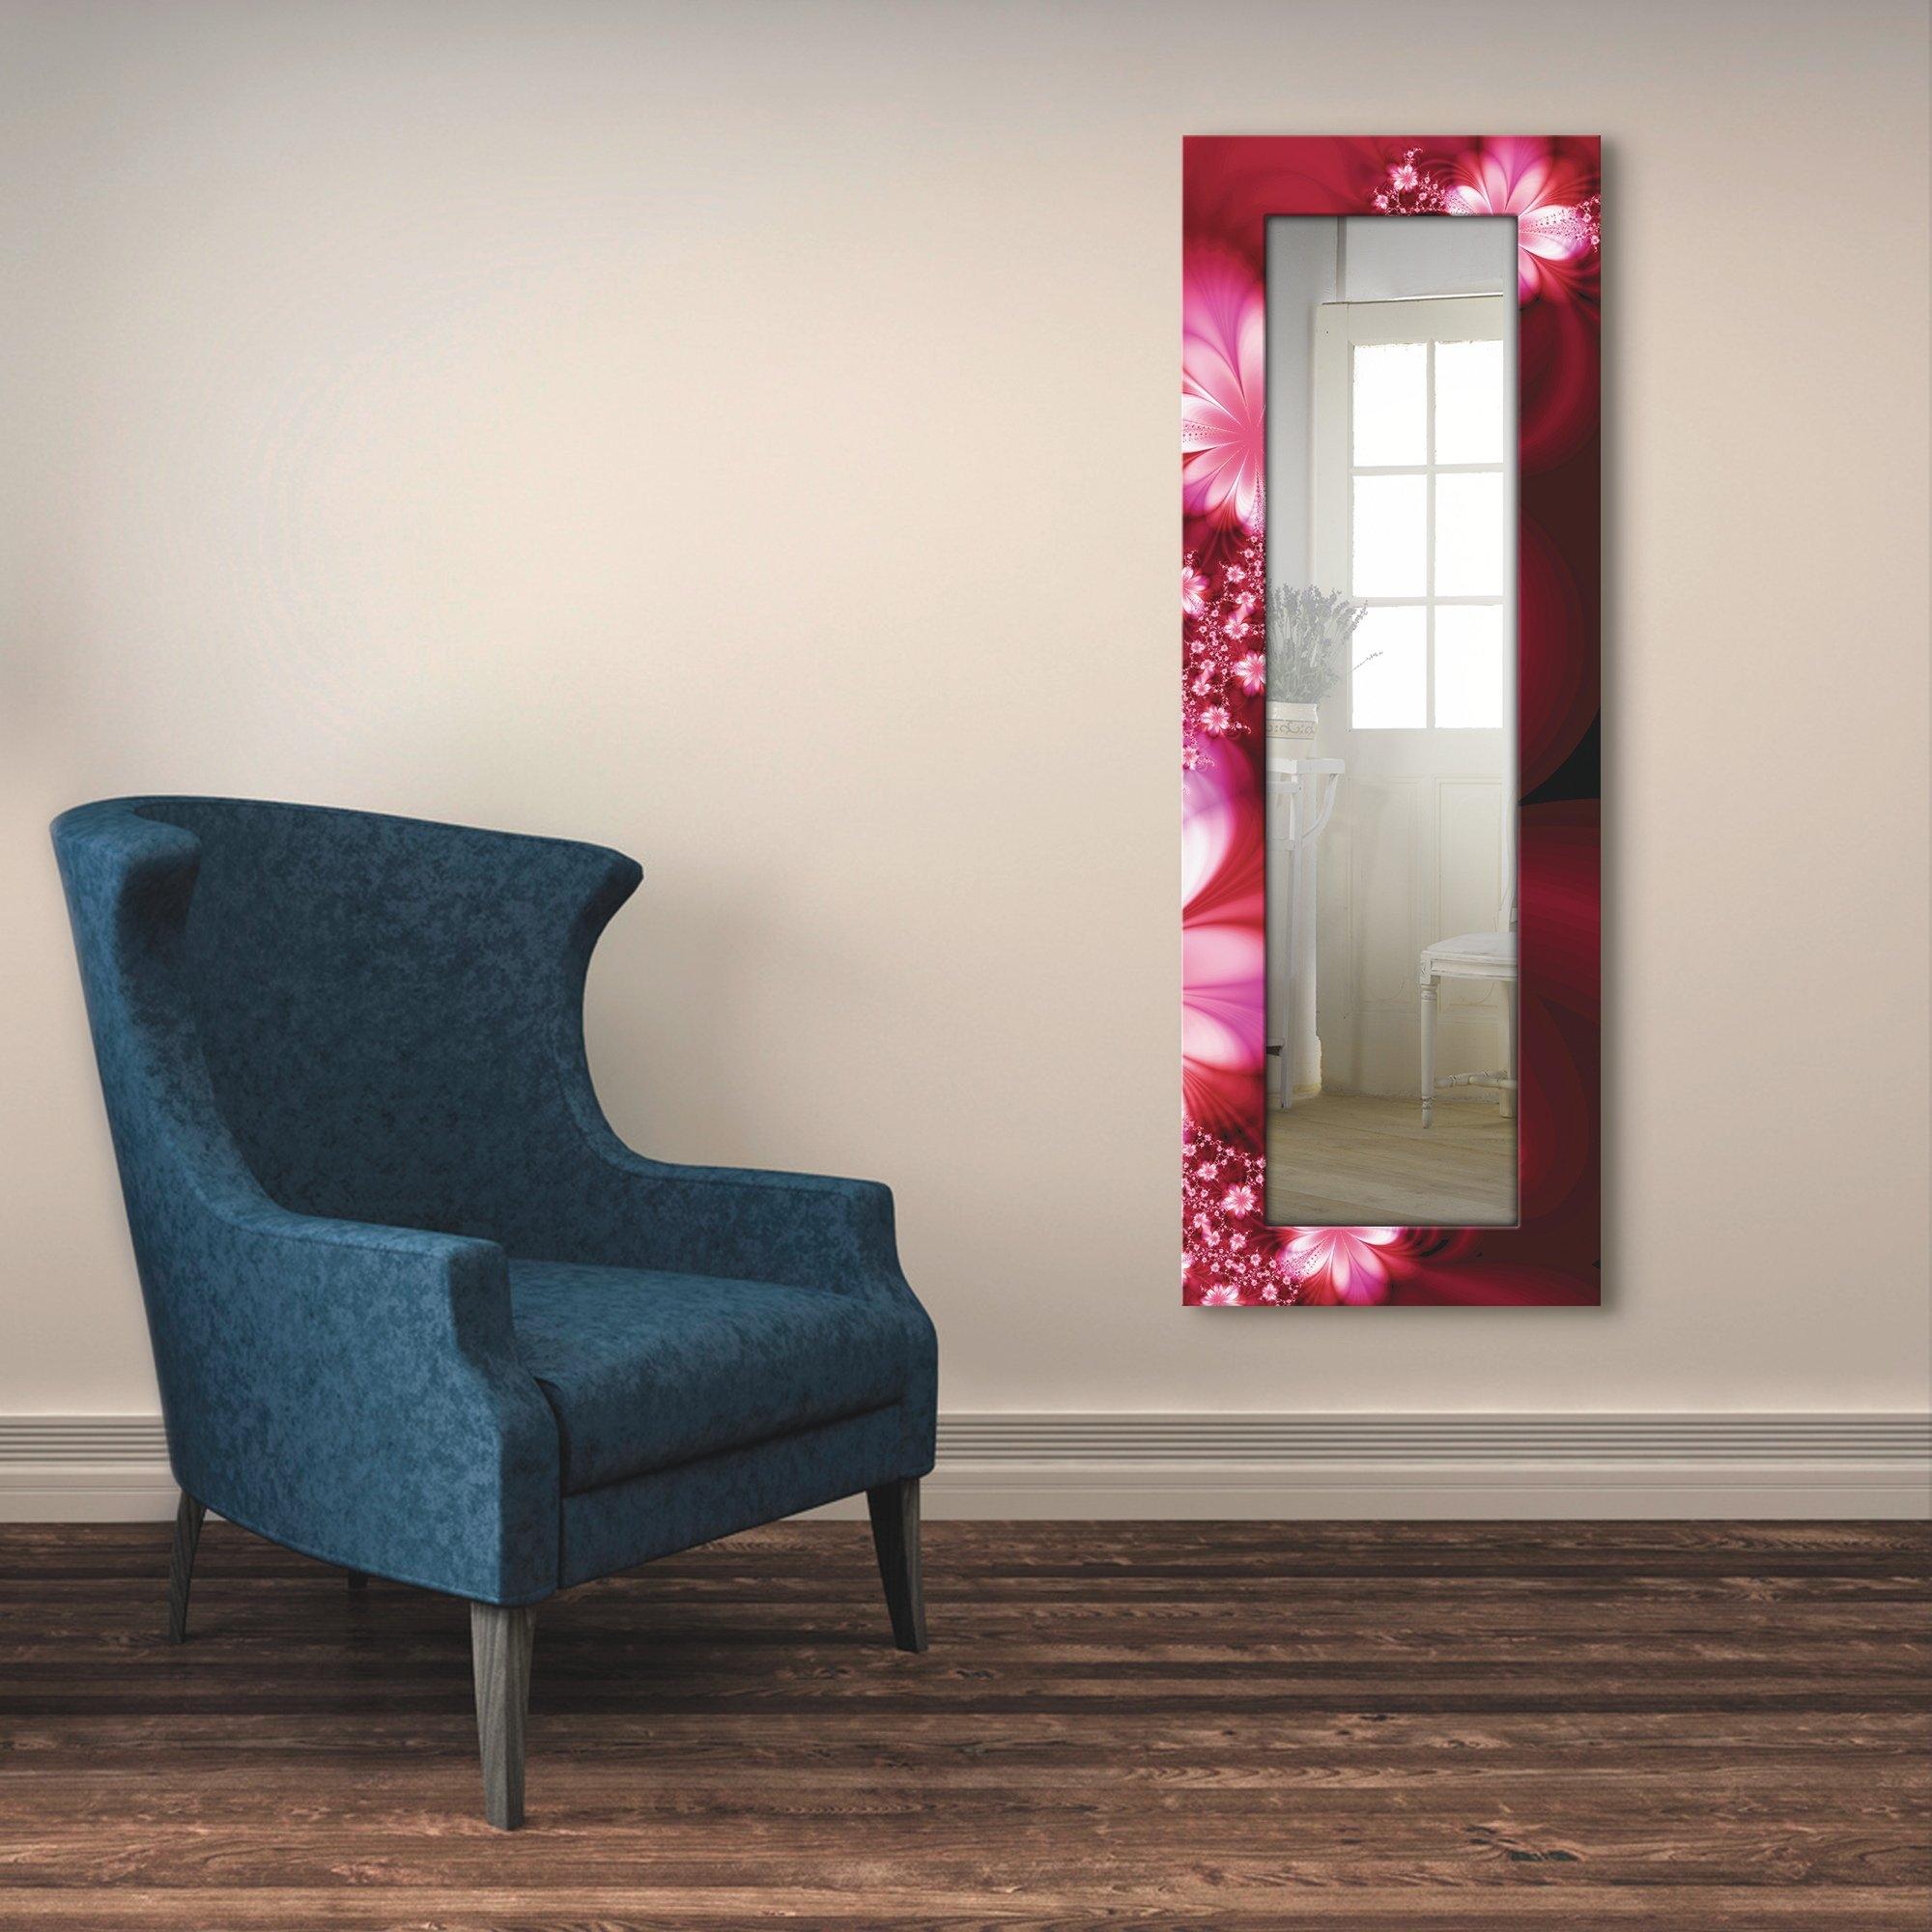 Artland wandspiegel Guirlande van bloemen ingelijste spiegel voor het hele lichaam met motiefrand, geschikt voor kleine, smalle hal, halspiegel, mirror spiegel omrand om op te hangen - gratis ruilen op otto.nl